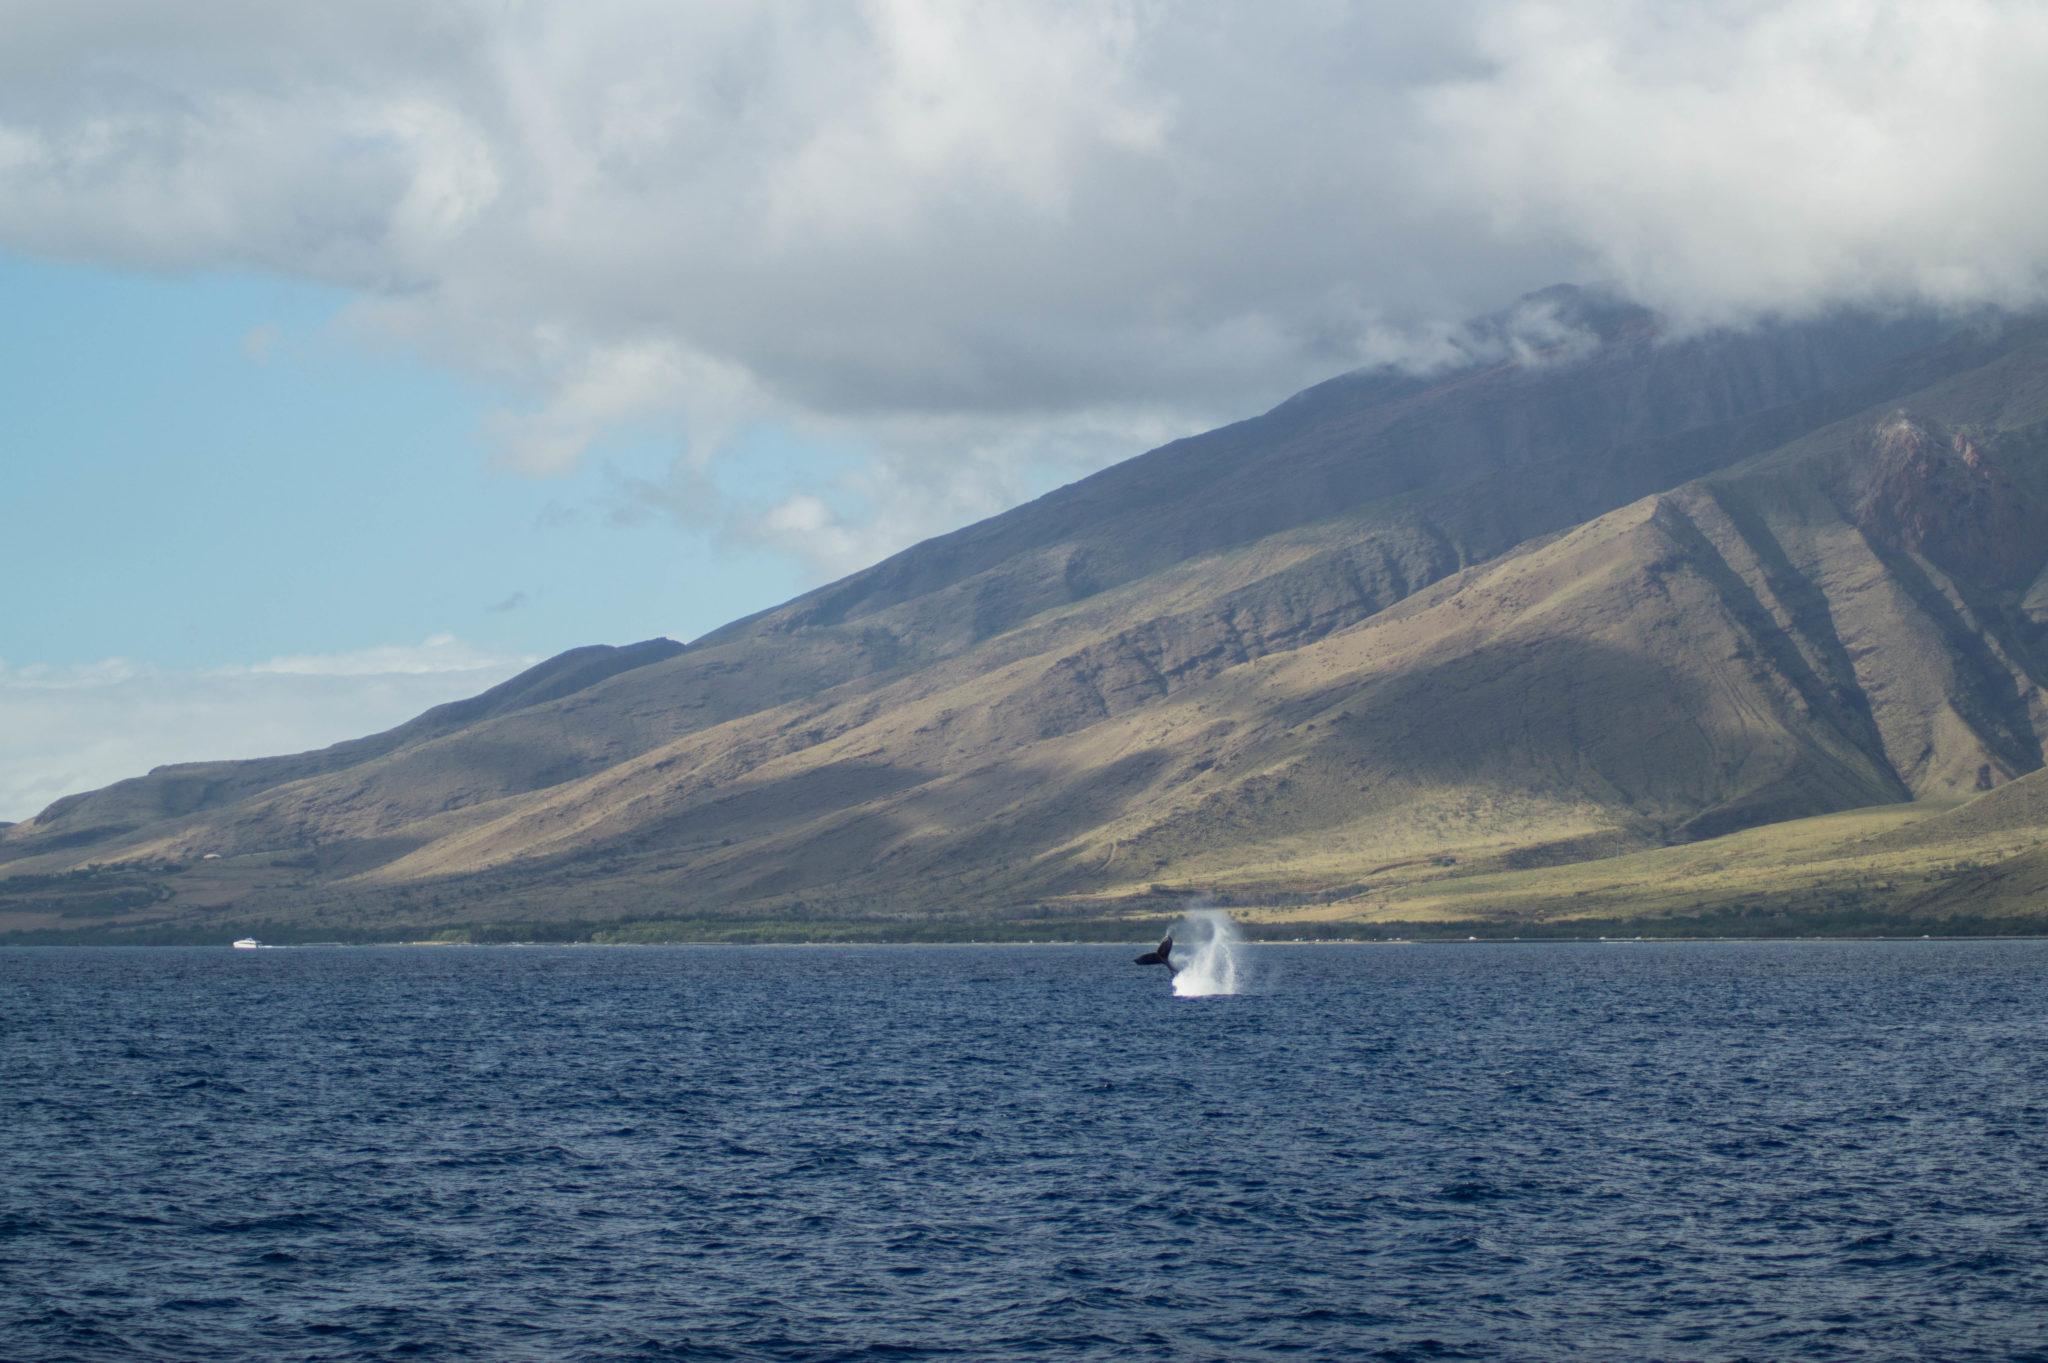 Sehenswürdigkeiten Hawaii: Die Walsaison auf Maui geht von Januar bis März